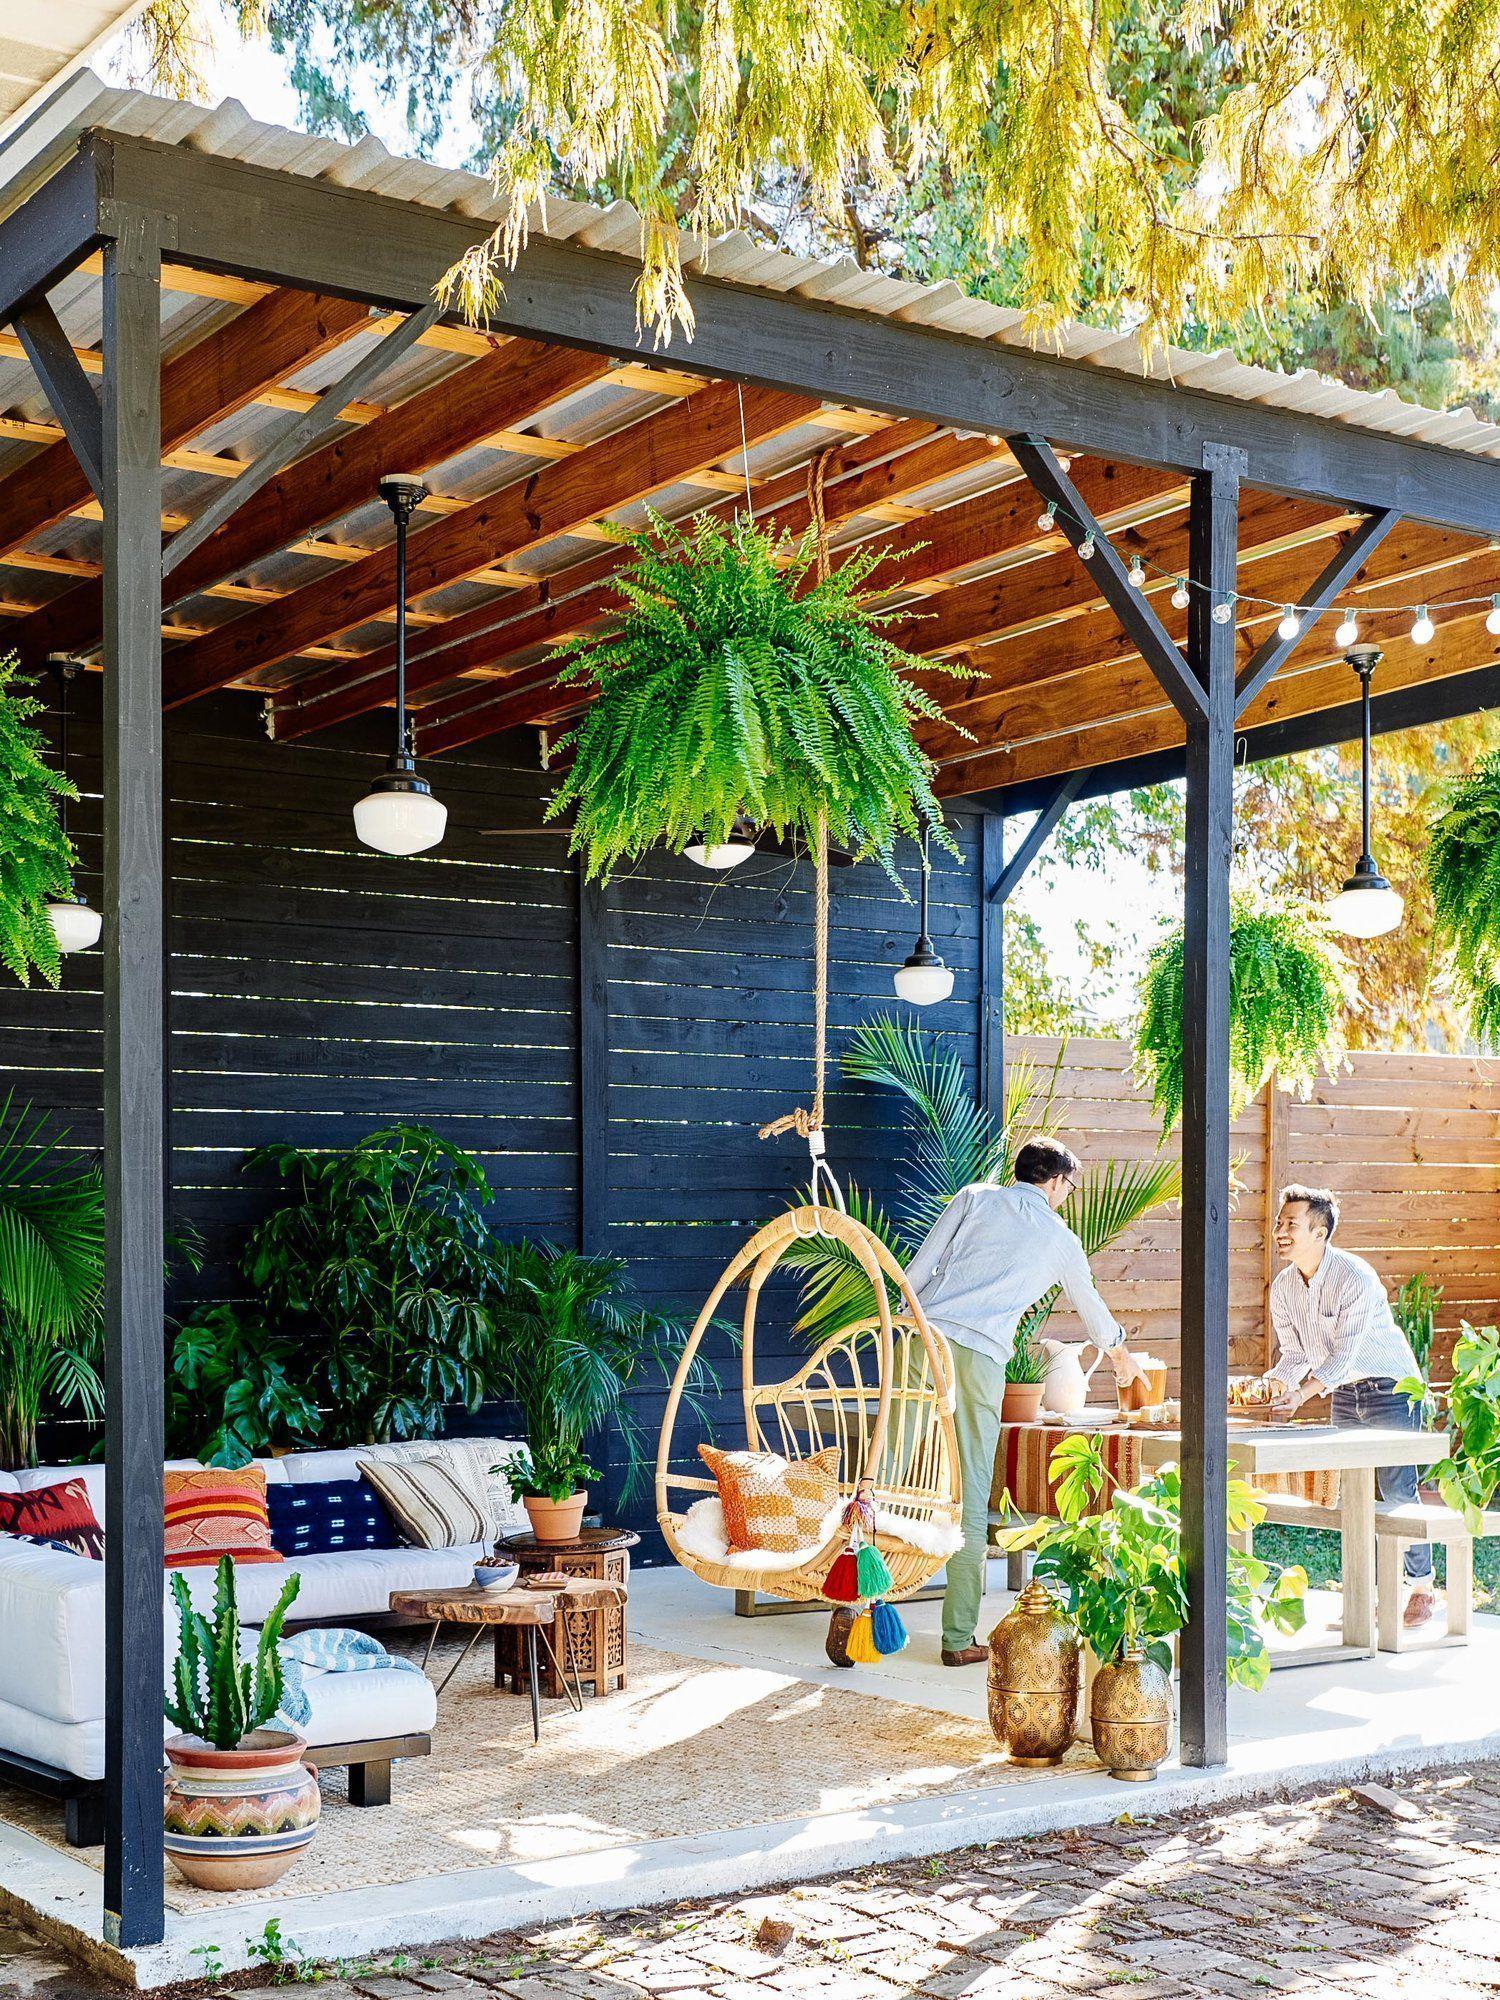 Épinglé Par Carolane Leblanc Sur Pour La Maison | Idées ... destiné Salon De Jardin Casa